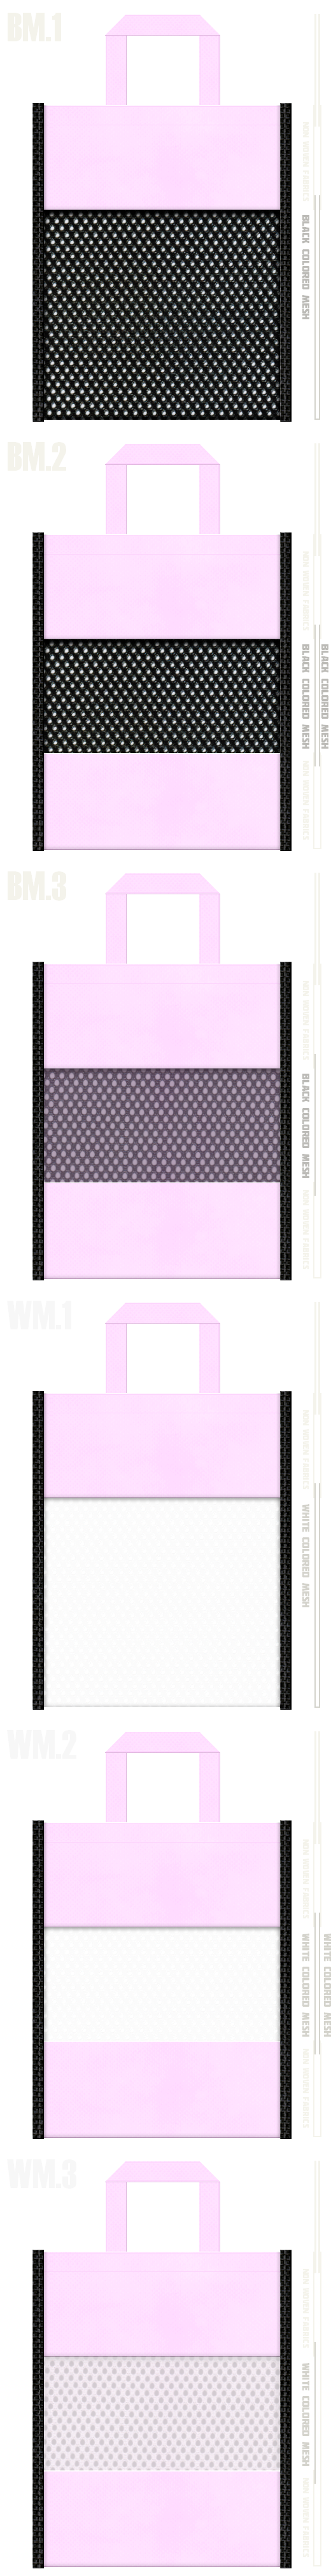 フラットタイプのメッシュバッグのカラーシミュレーション:黒色・白色メッシュとパステルピンク色不織布の組み合わせ